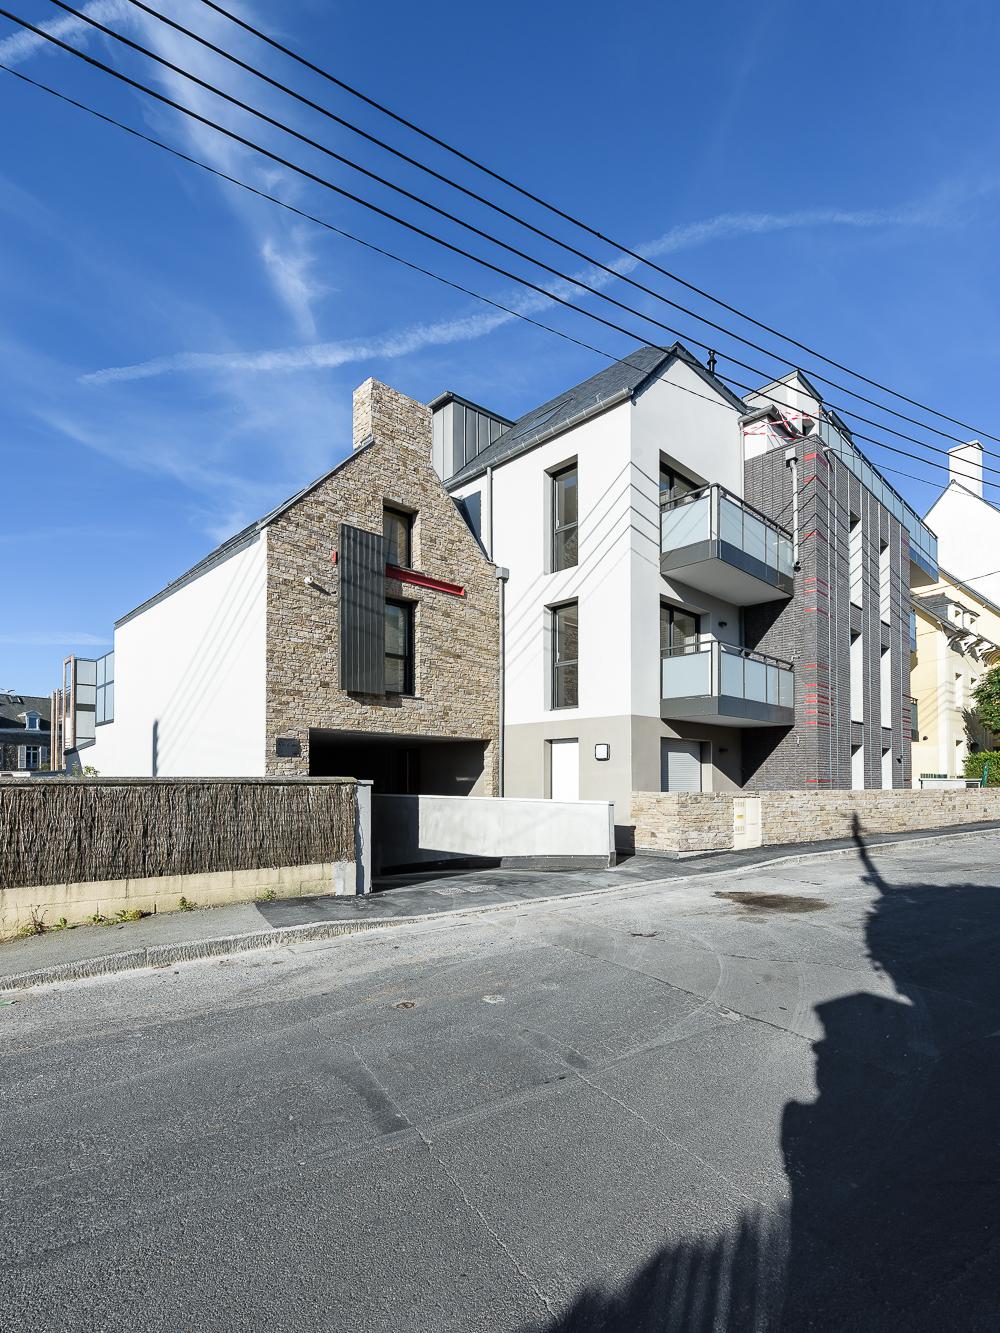 photographe d'architecture ©INTERVALphoto : Bachmann associés architectes, Promo Ouest, PEROBA, logements collectifs Roc'Eden, Saint Malo (35)